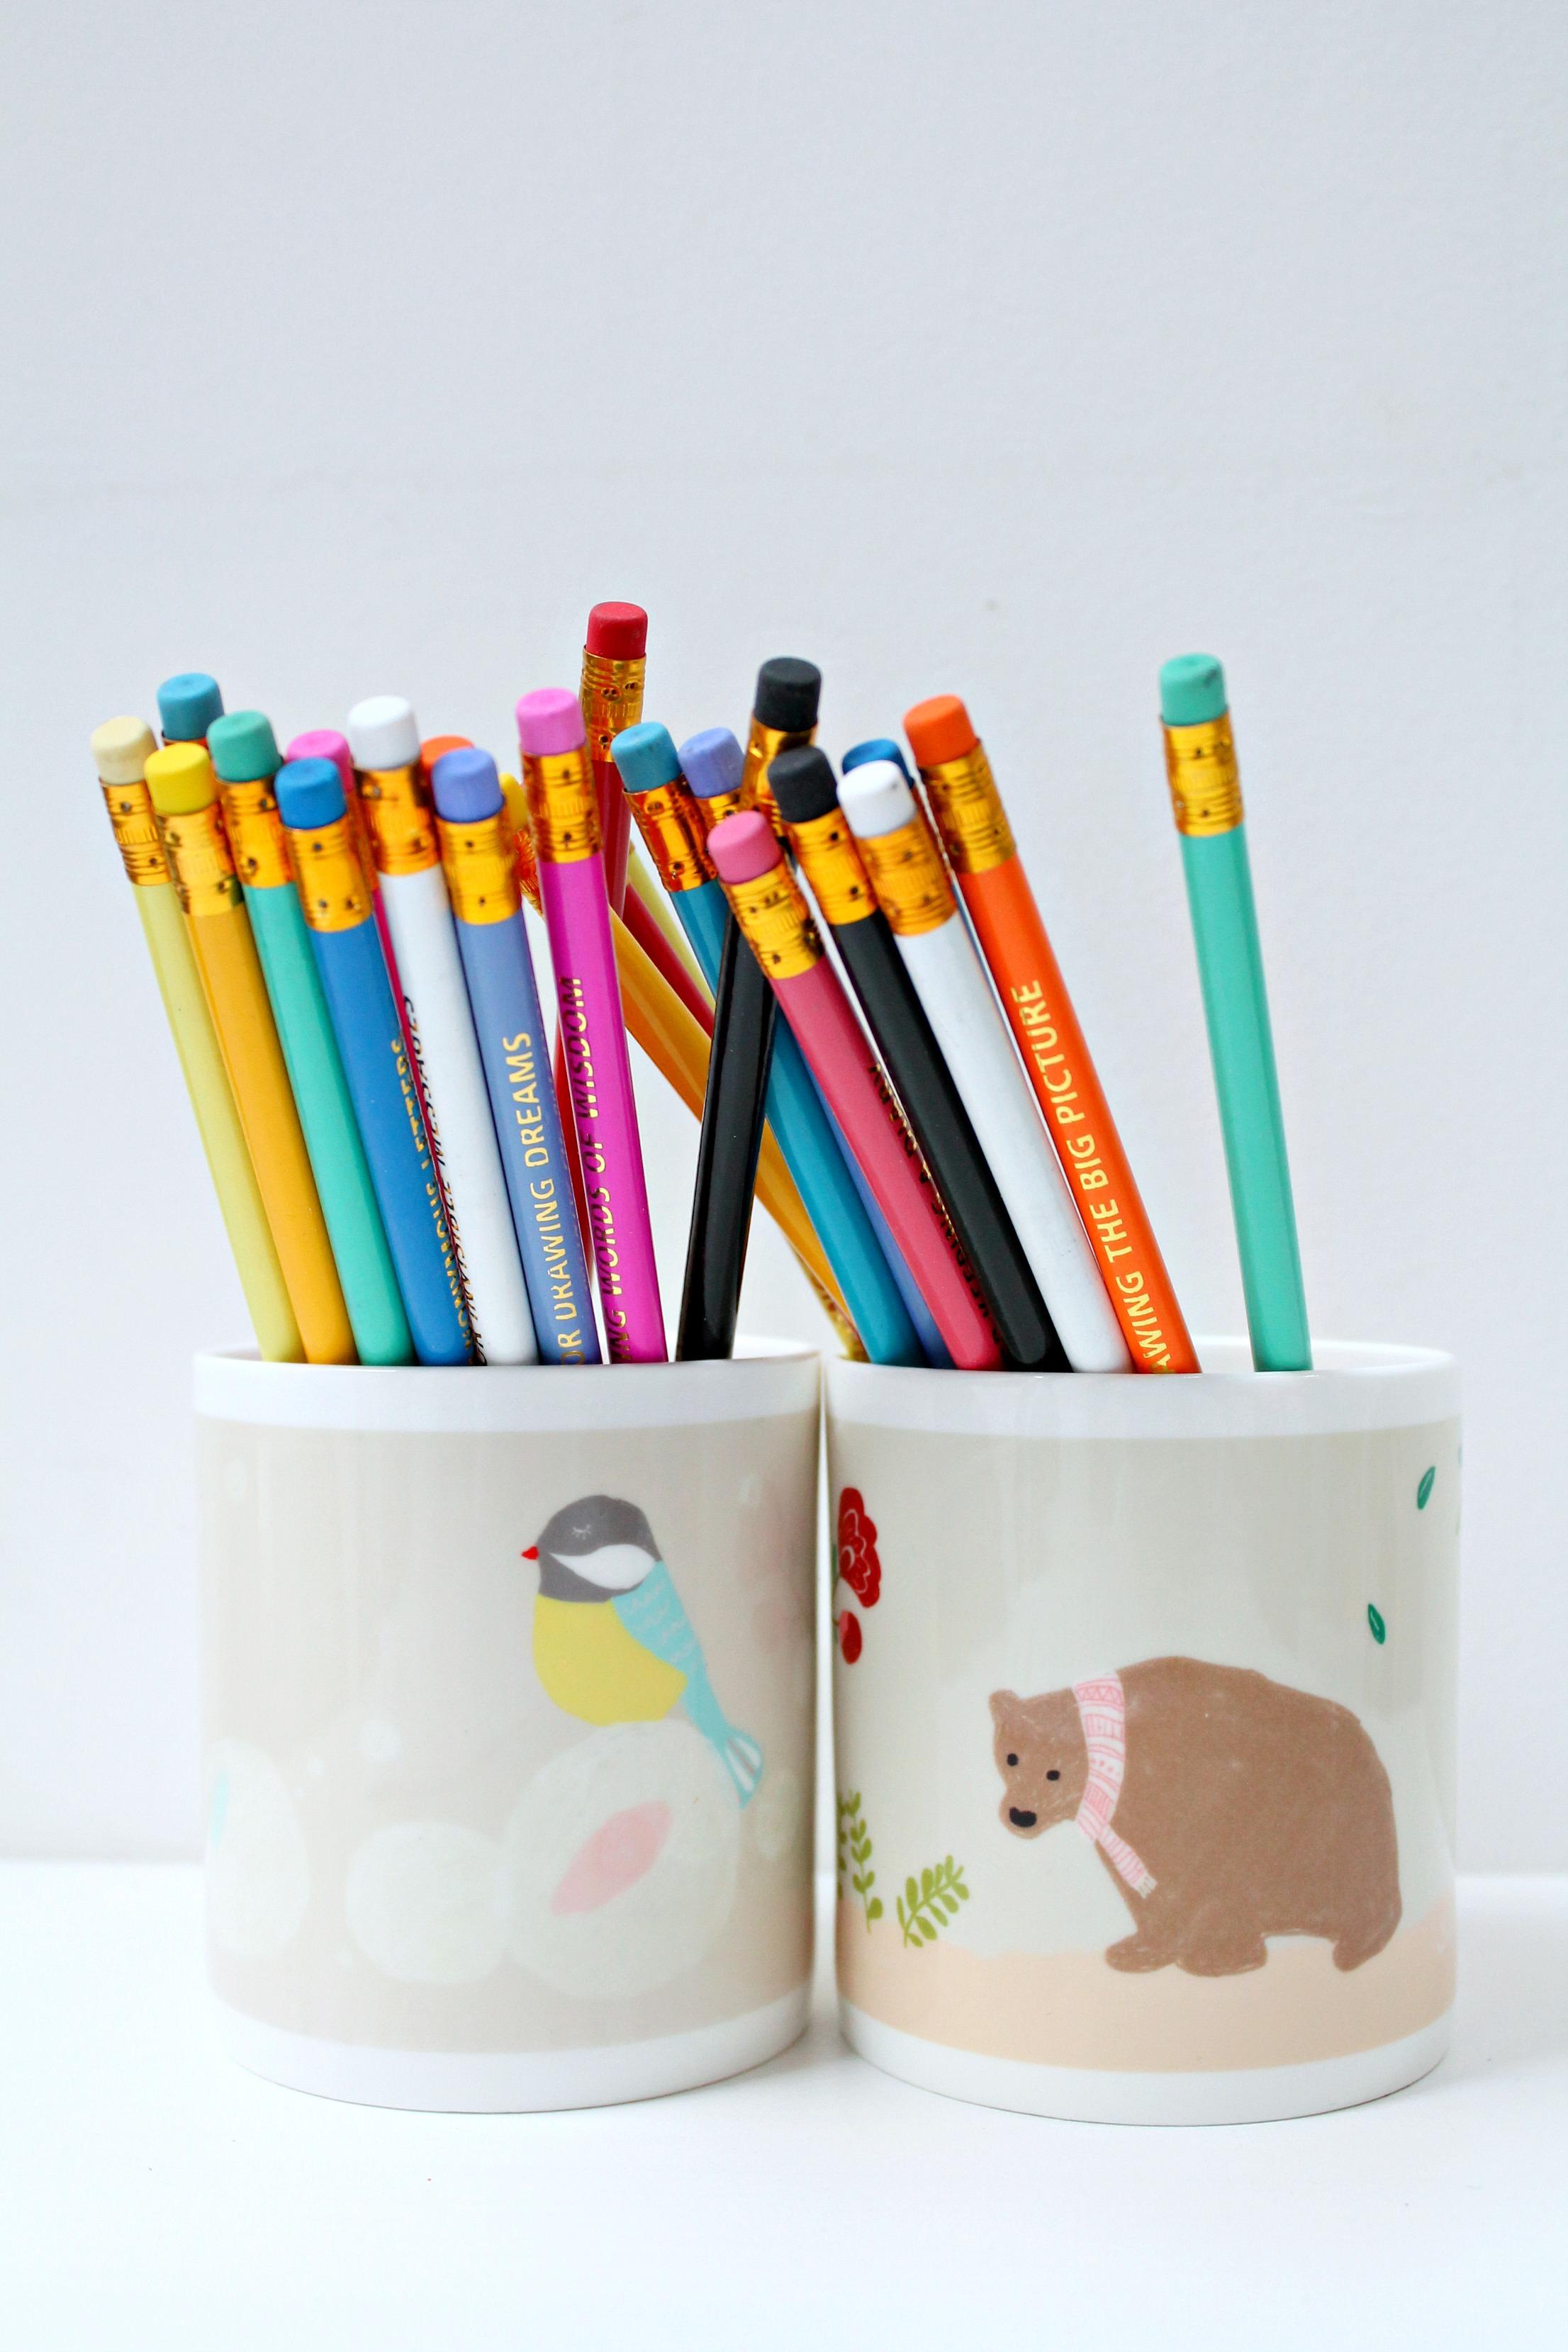 Suki-mcmaster-mugs-styling-and-photo-by-Little-Big-Bell